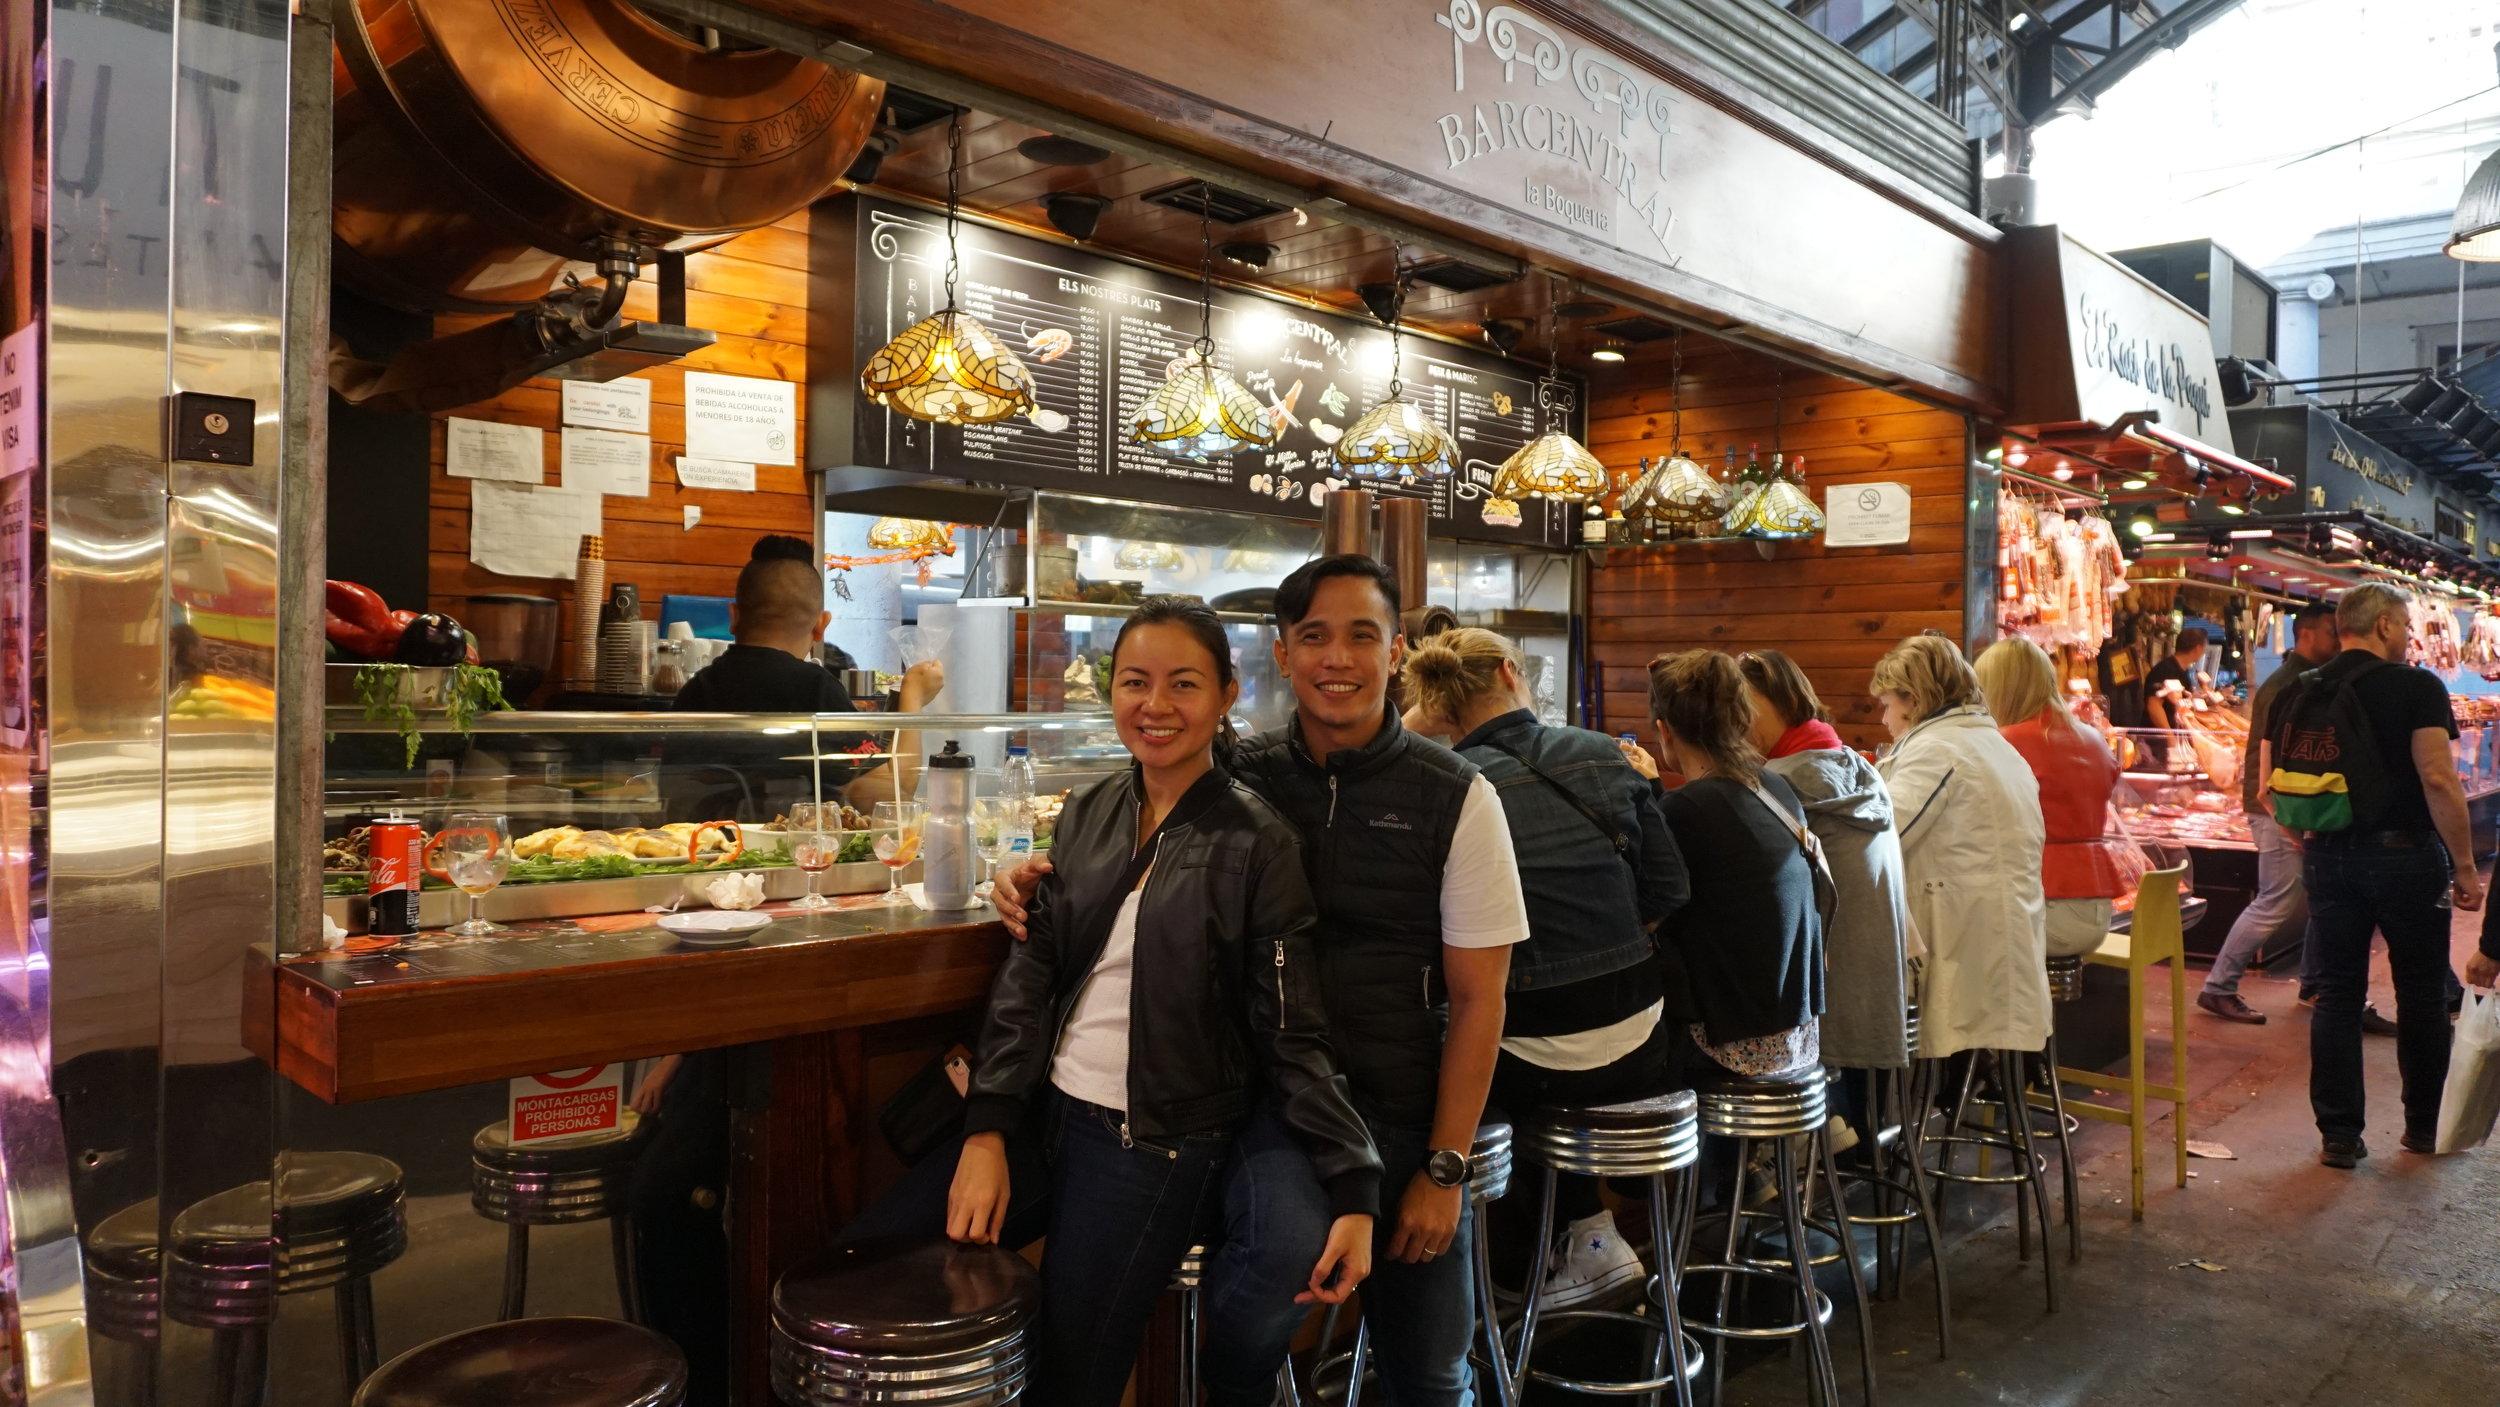 La Boqueria for second lunch in Barcelona! Yum!